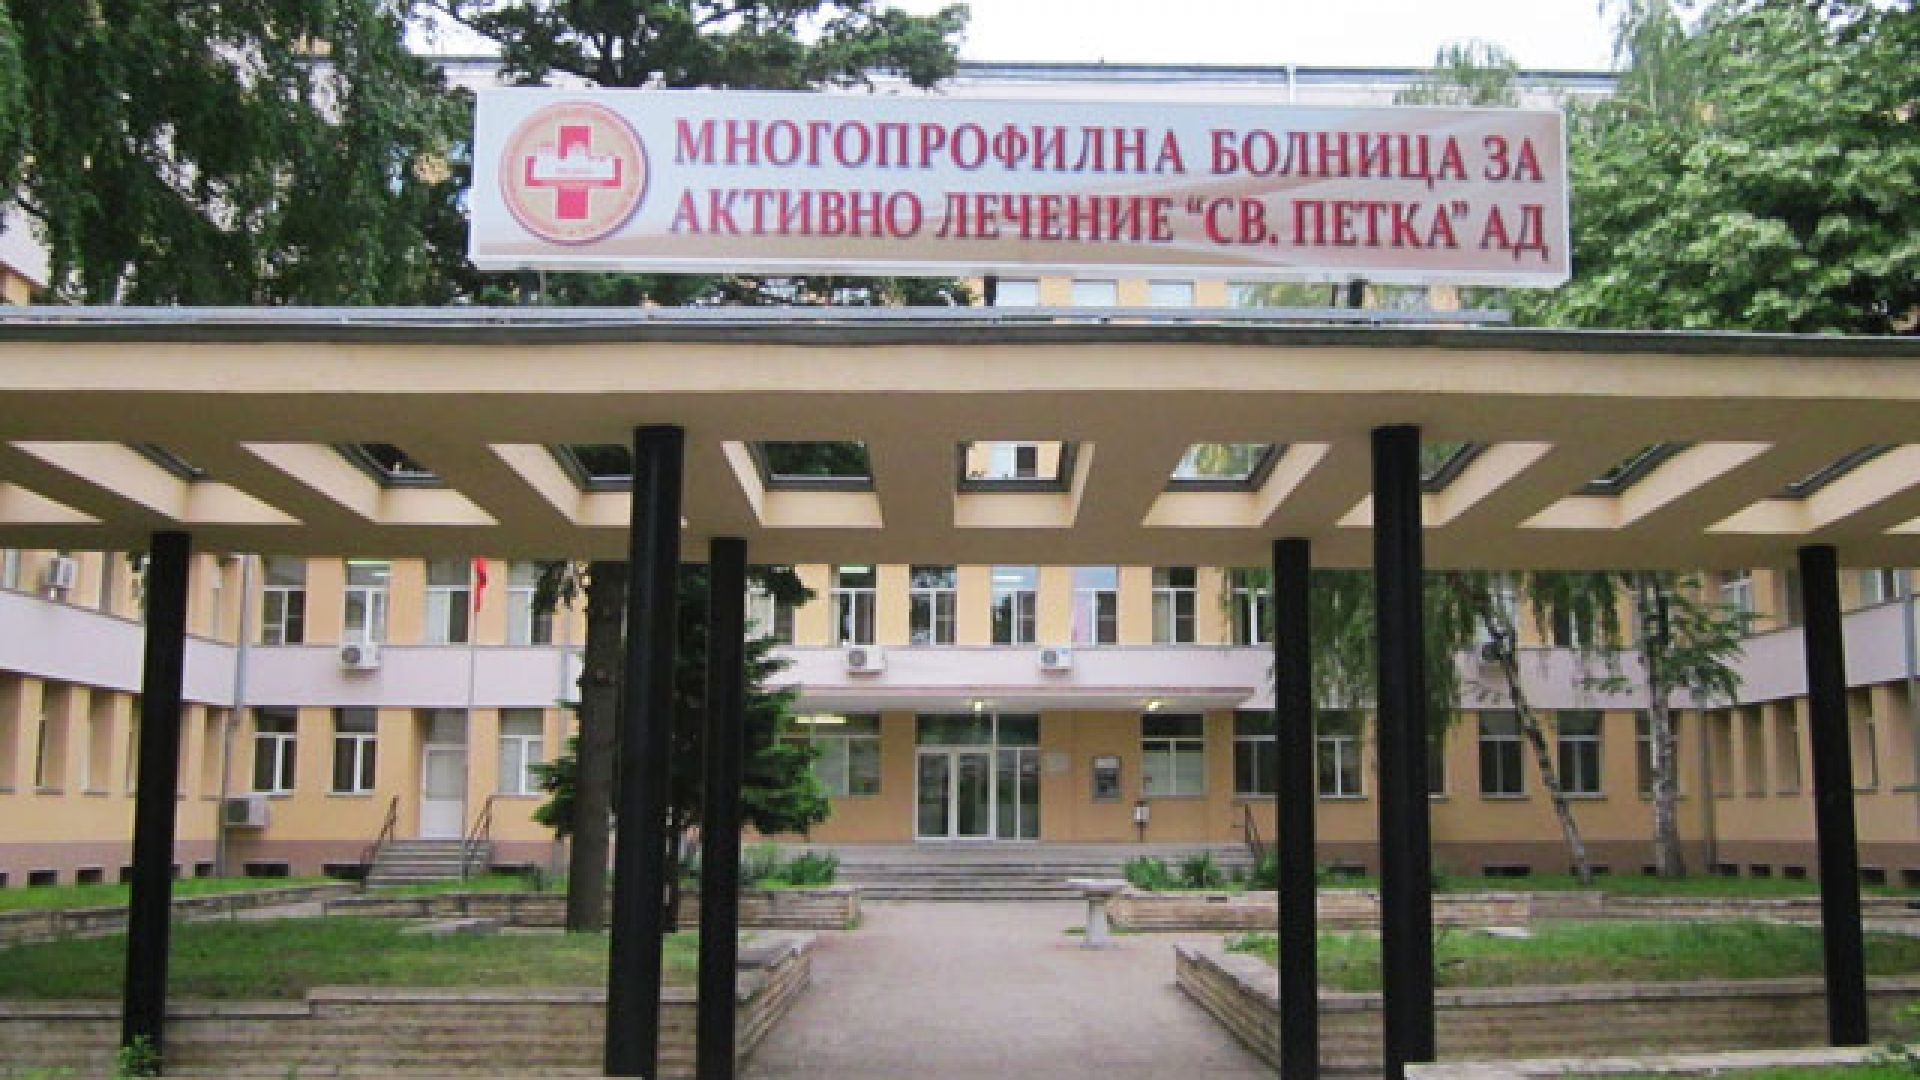 Екип на Военномедицинска академия започна цялостна дезинфекция във видинската болница